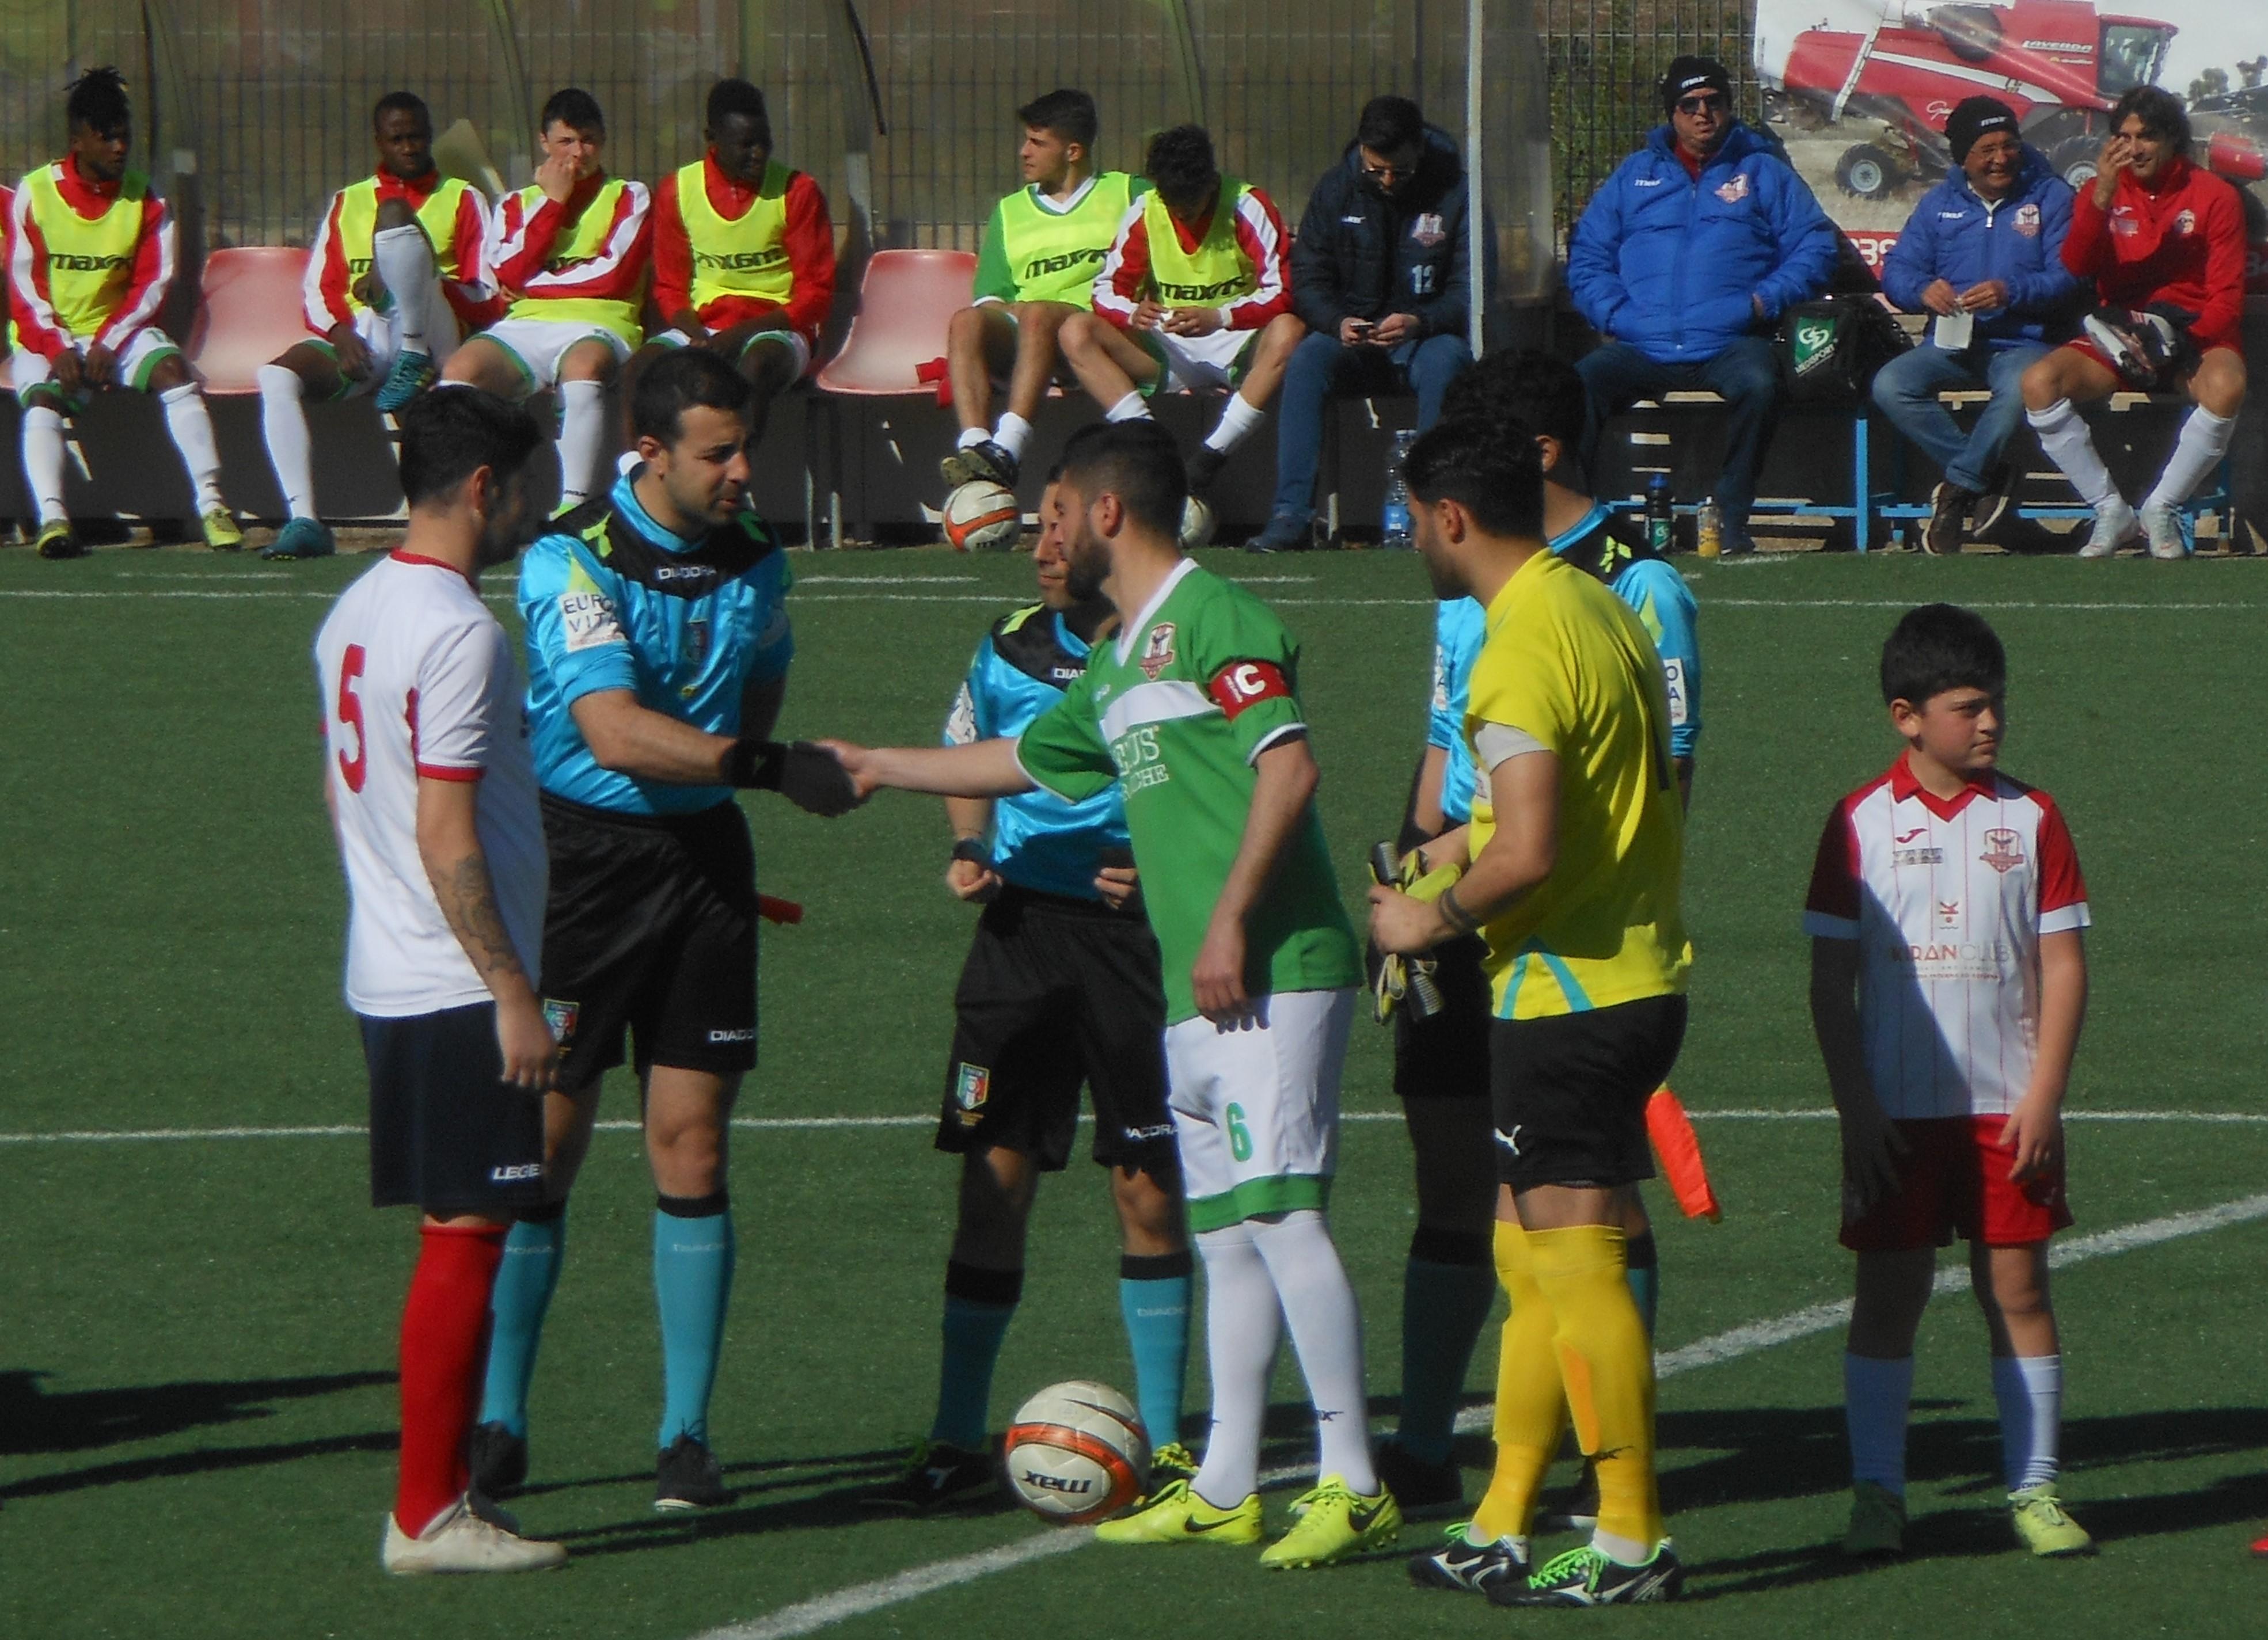 Calcio, Promozione: Modica già in vacanza ne prende quattro dal Caltagirone